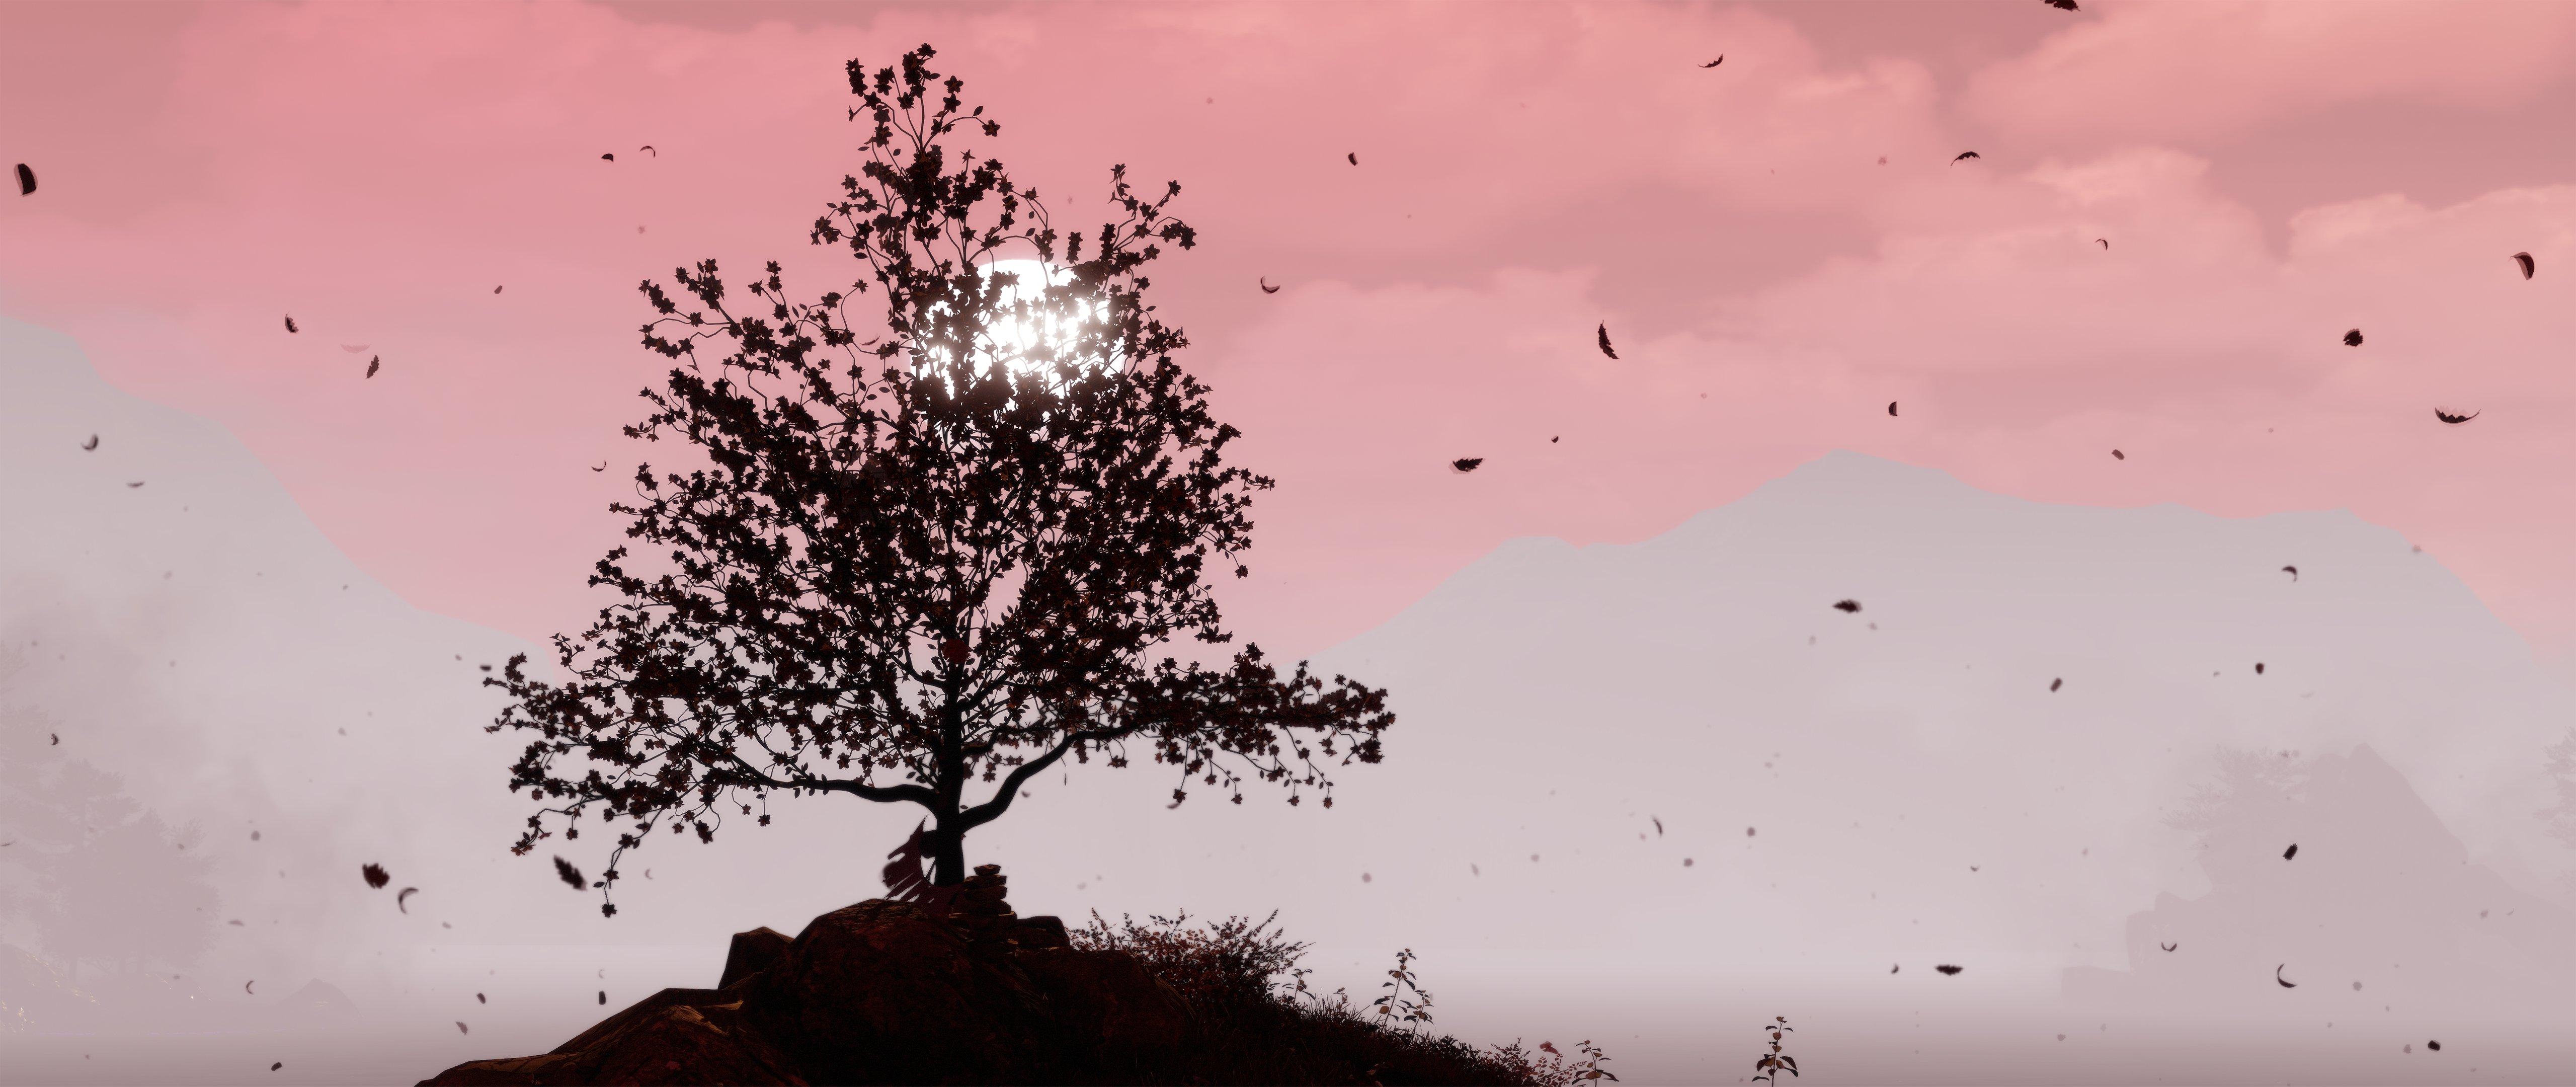 5К скриншоты из Far Cry 4. - Изображение 2